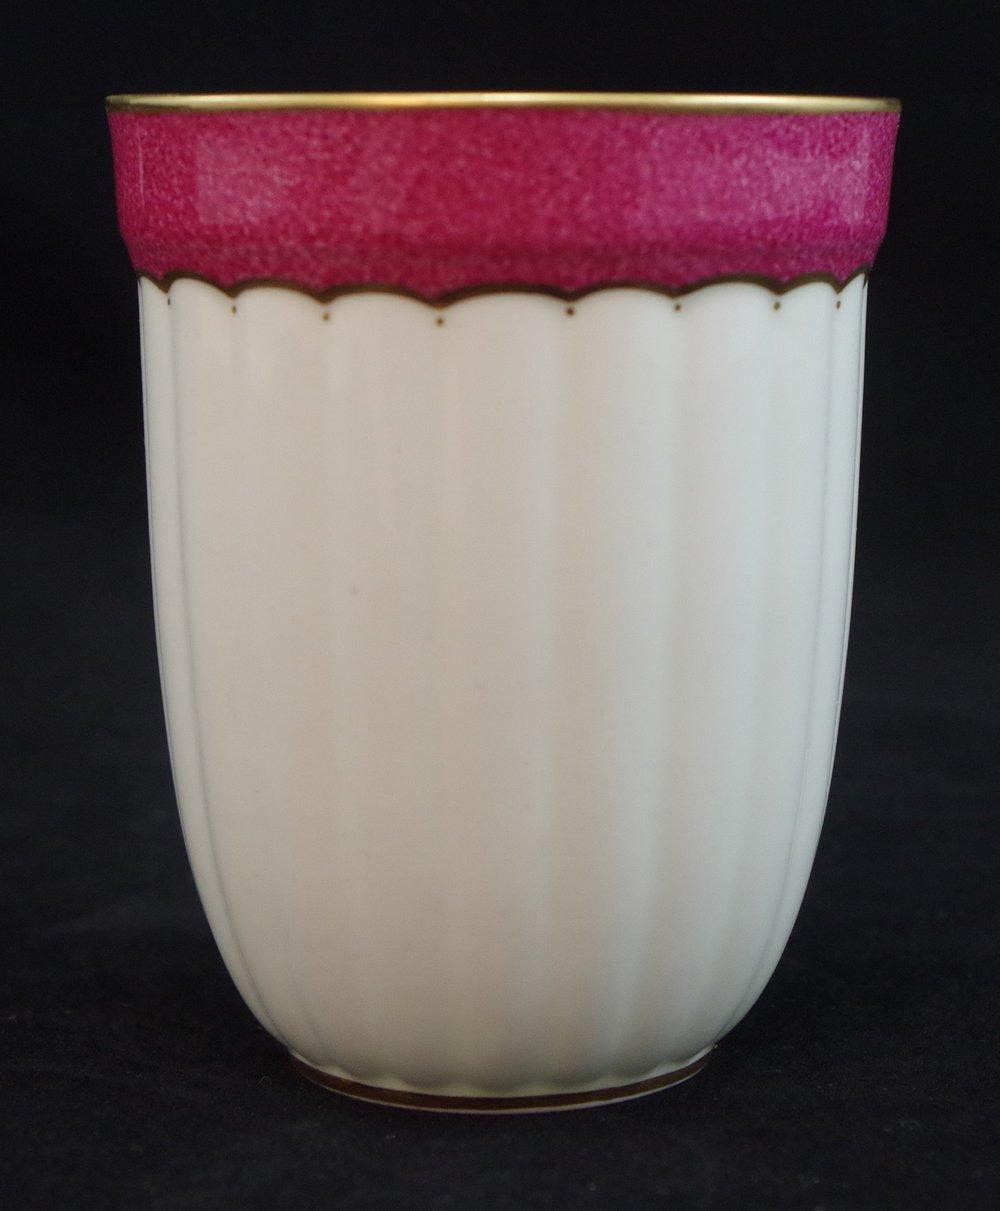 royal-crown-derby-fluted-beaker-powdered-maroon-rim